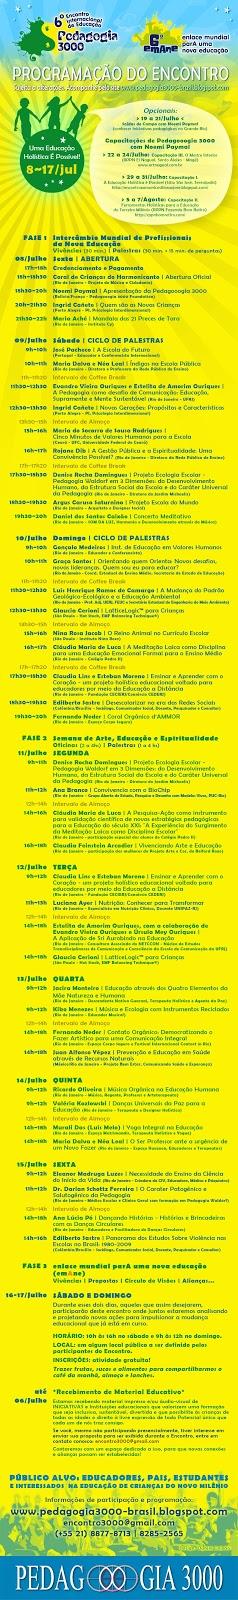 6º Encontro Internacional de Educação  Pedagogia 3000  RIO DE JANEIRO | 6º Encontro Internacional de Educação  Pedagogia 3000  RIO DE JANEIRO | JULHO/2011  –   Programação